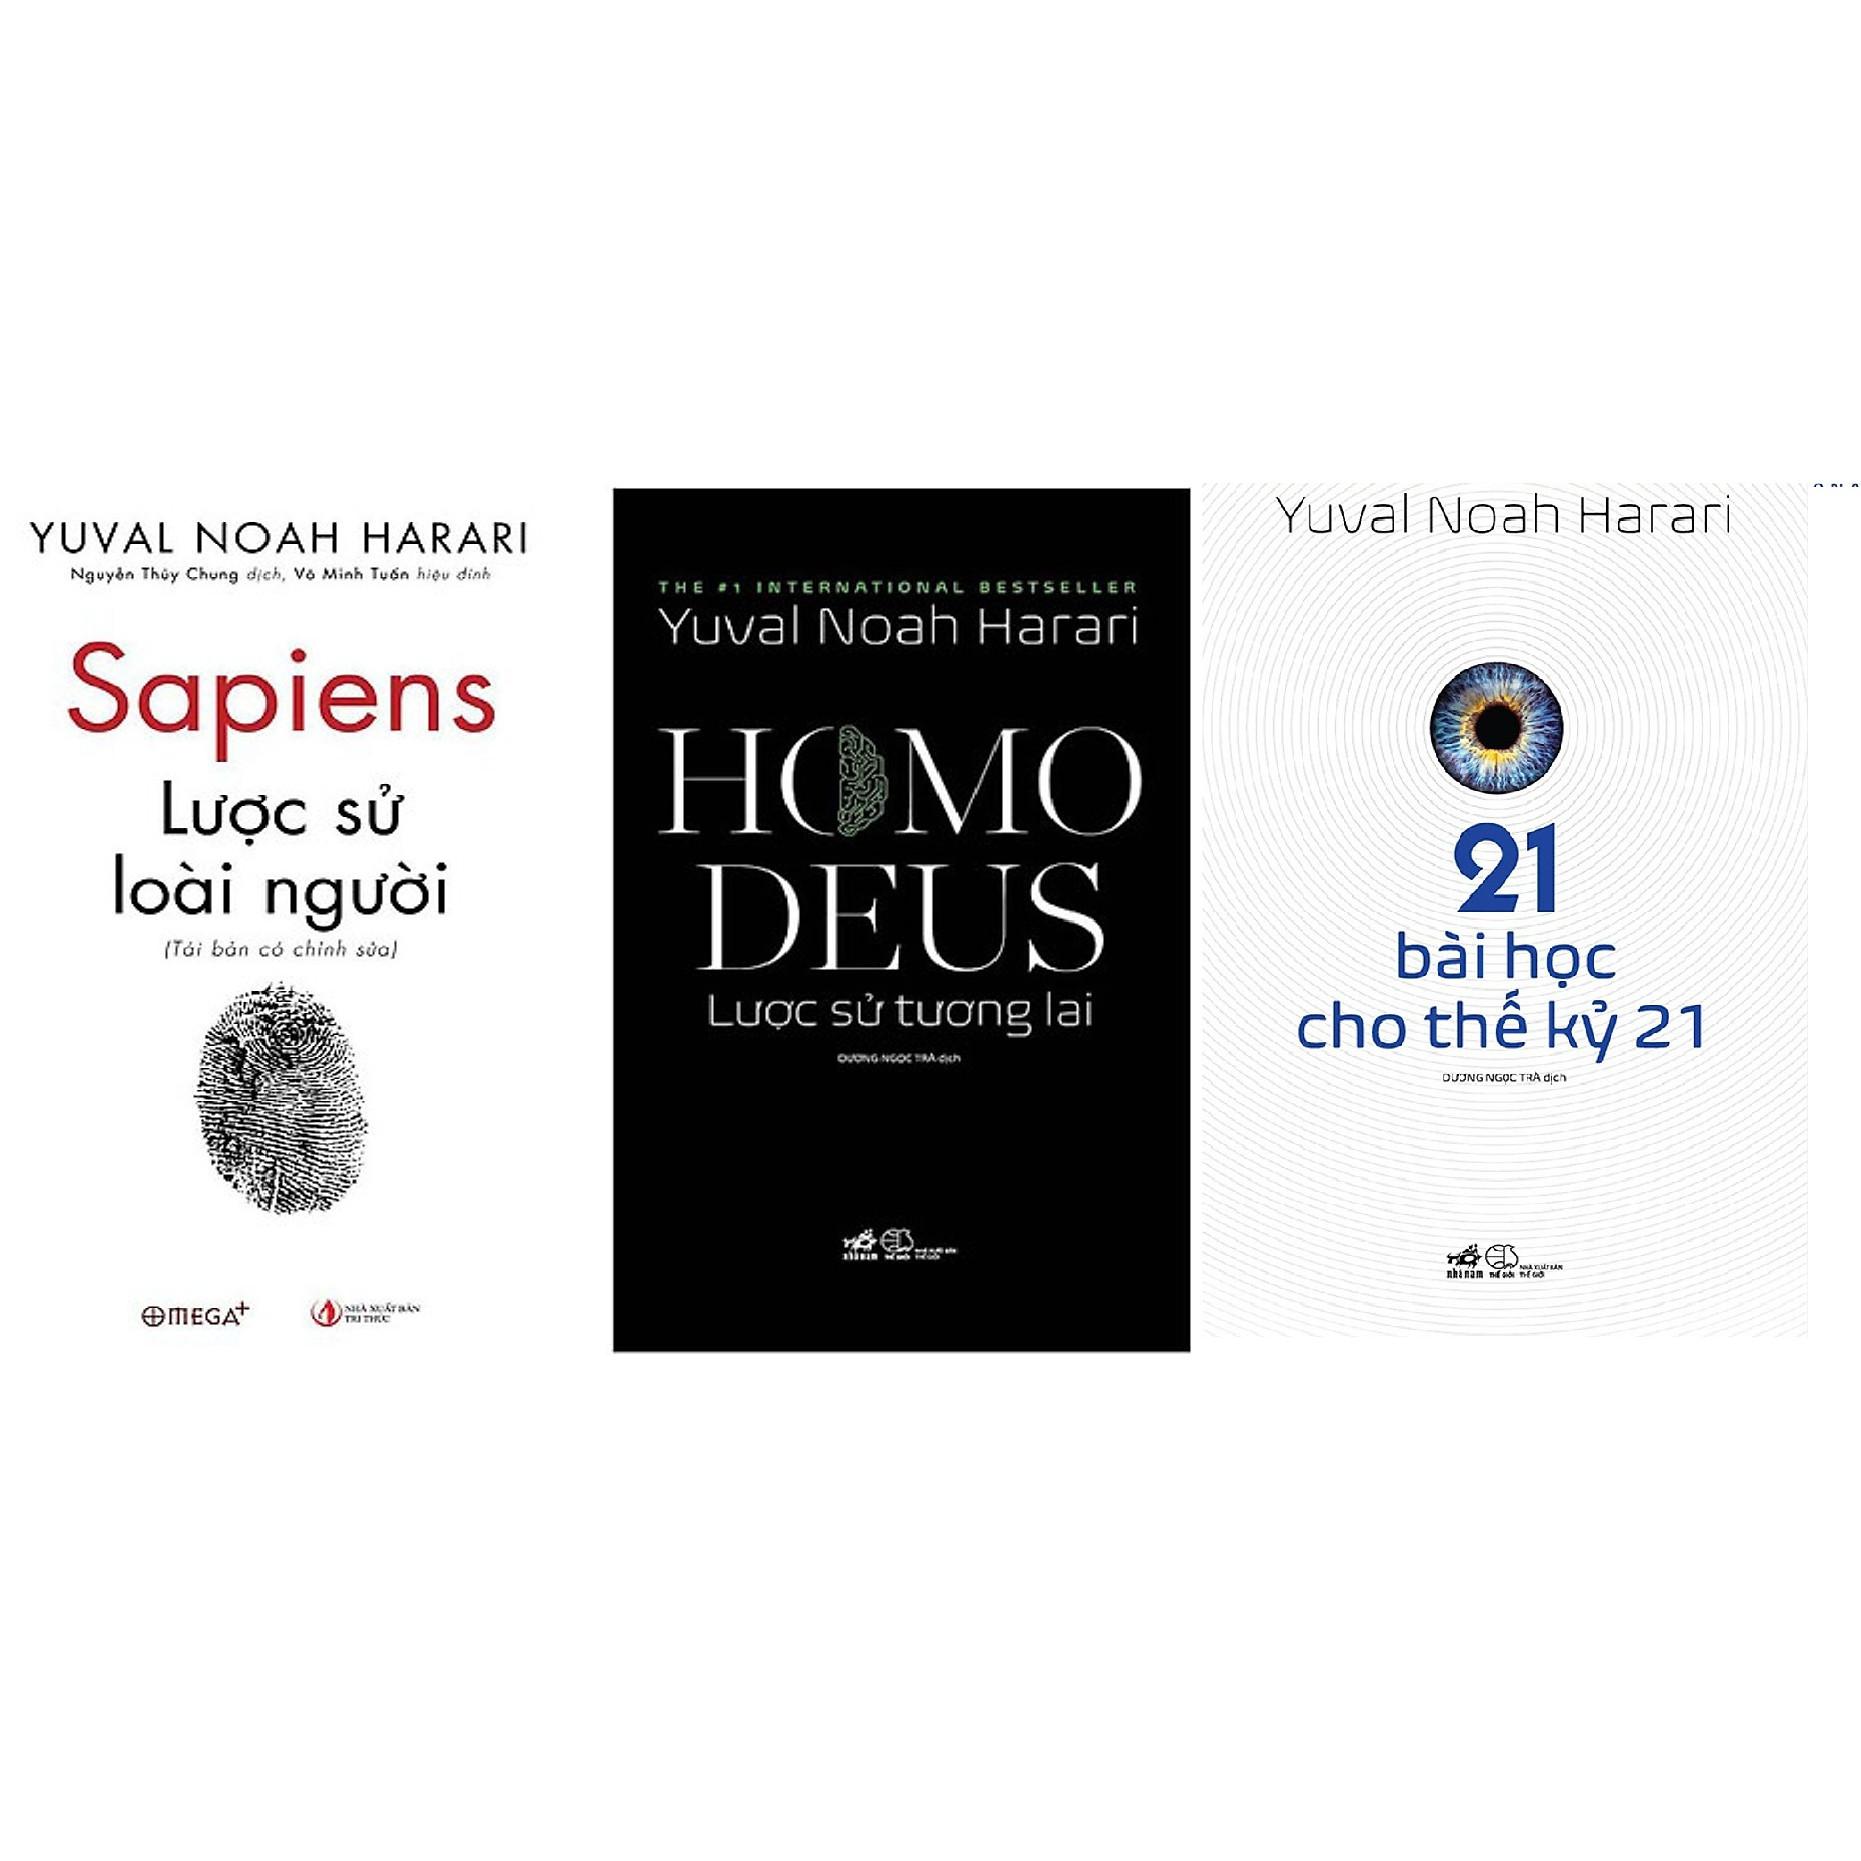 Combo Sapiens: Lược Sử Loài Người và Homo Deus: Lược Sử Tương Lai + 21 Bài Học Cho Thế Kỷ 21 (Tác giả: Yuval Noah Harari)